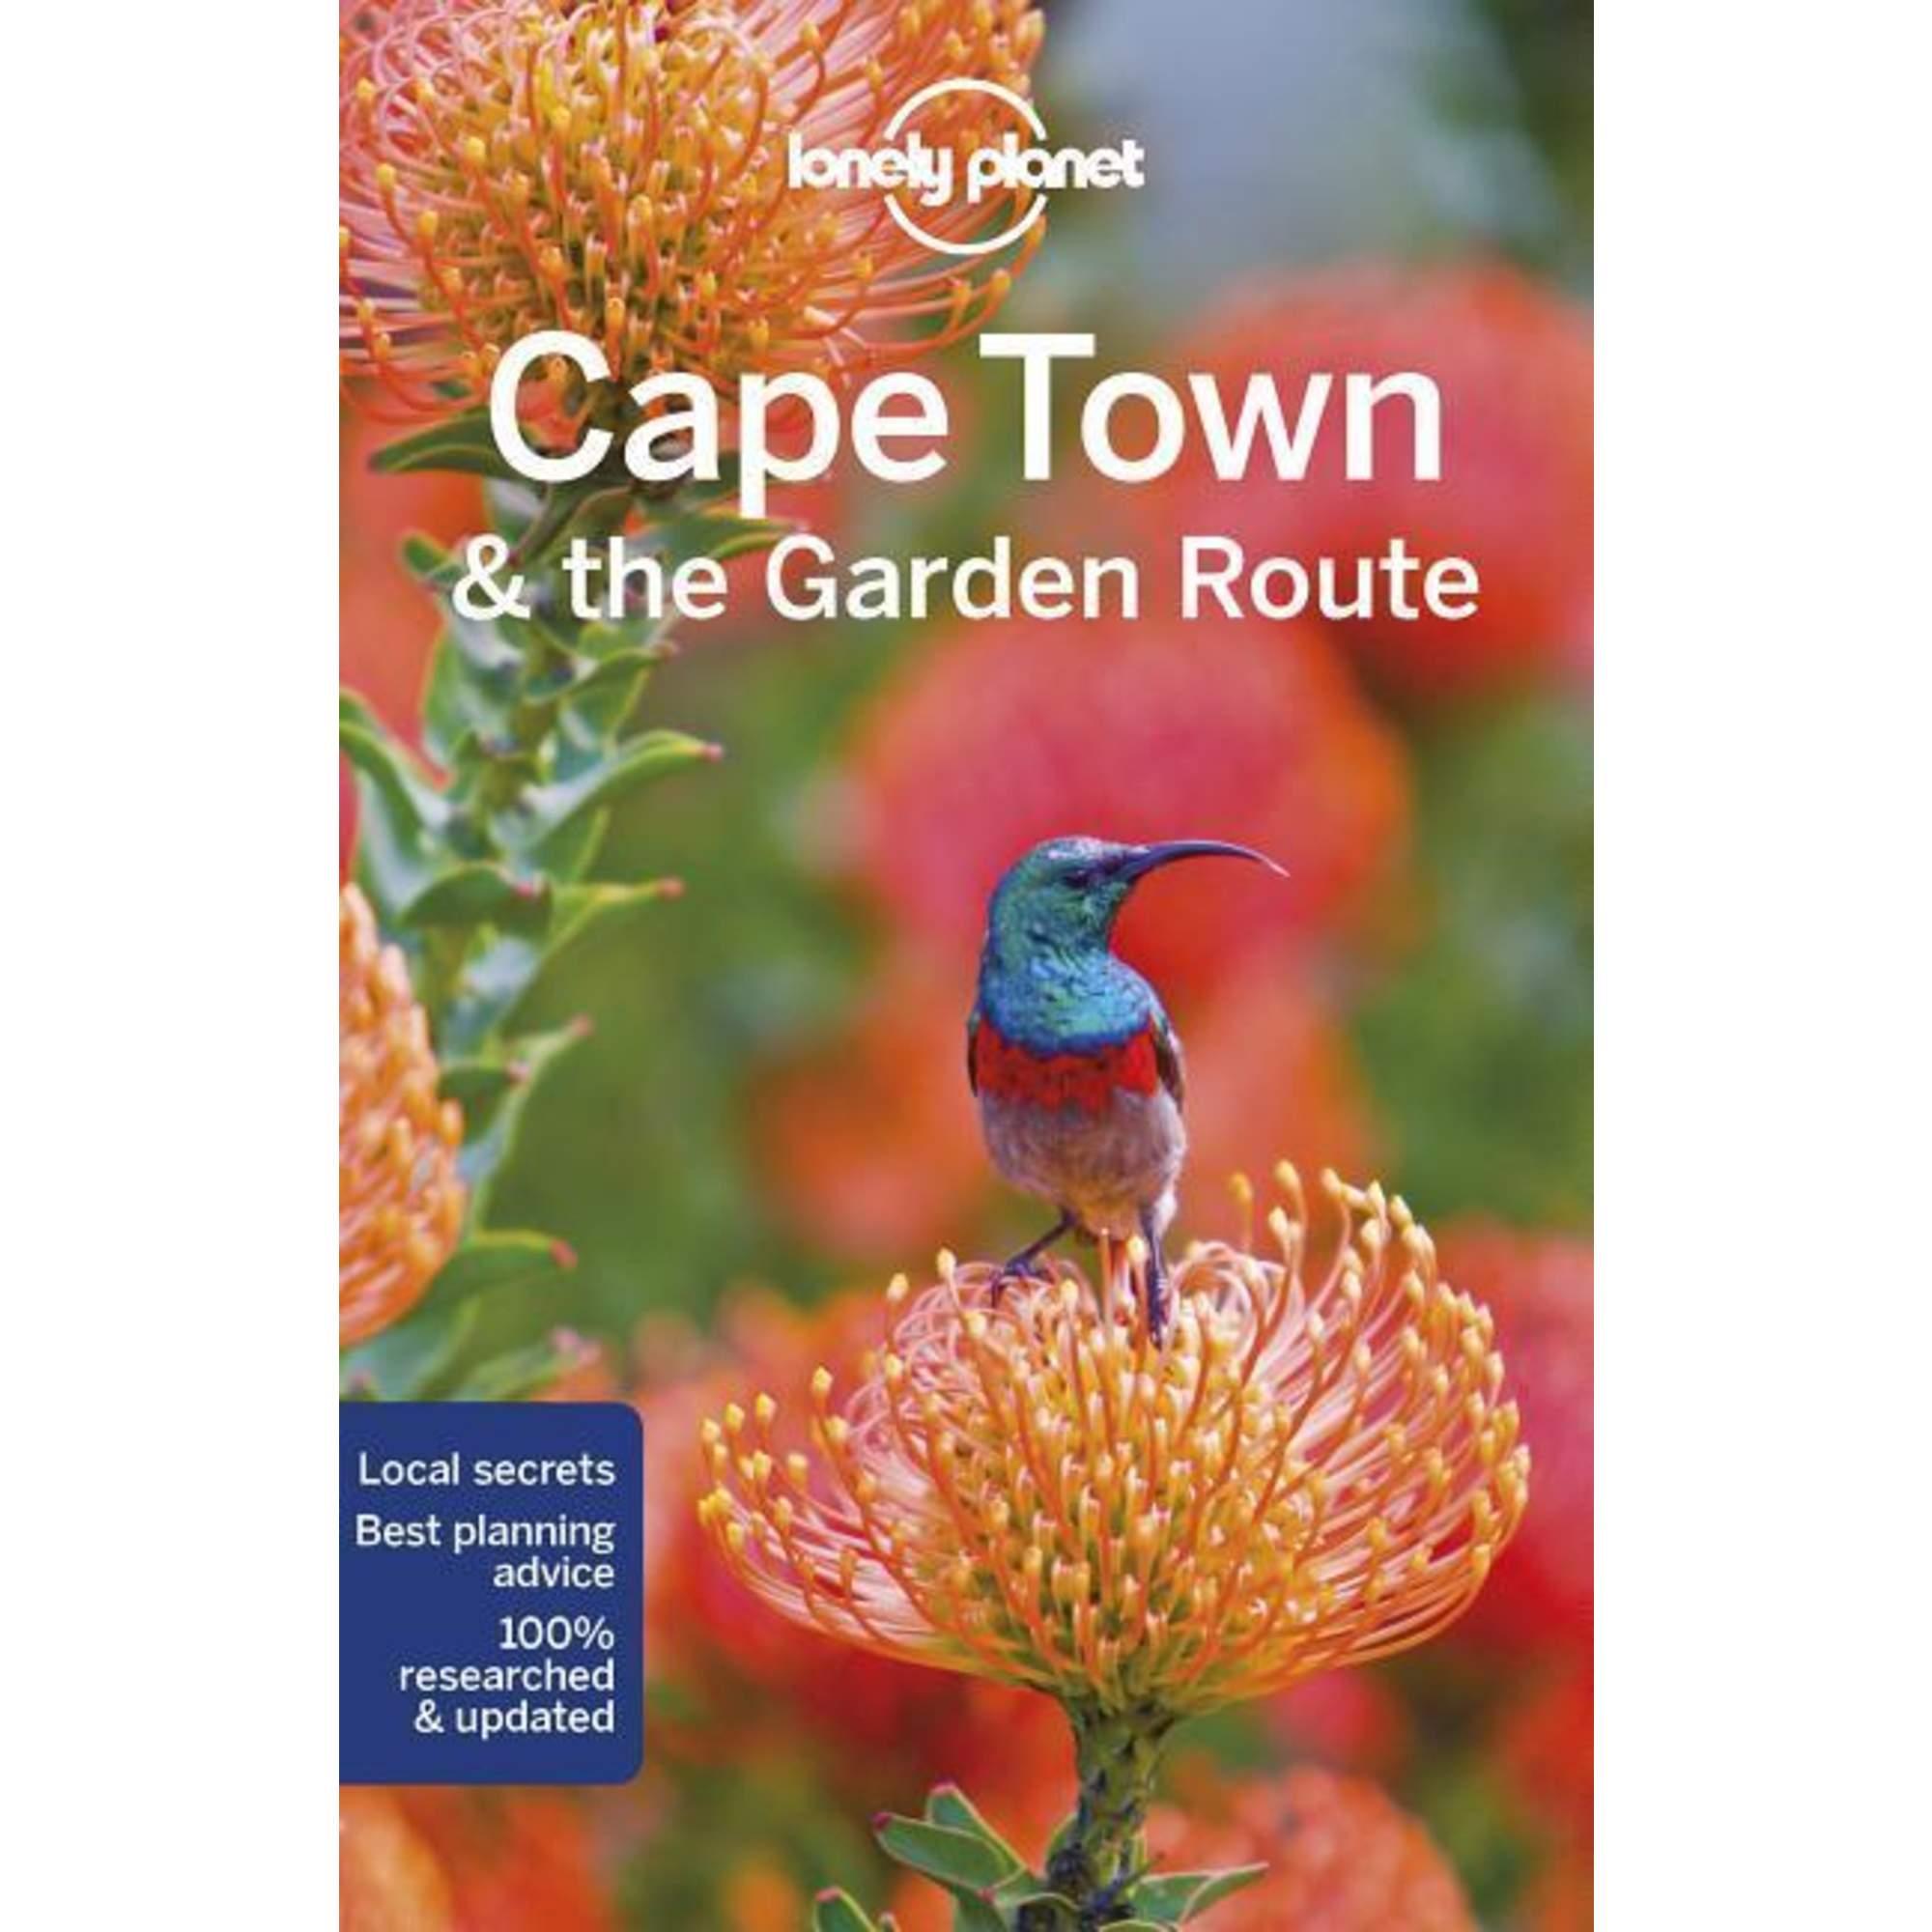 Cape Town & the Garden Route, 18,90 Euro